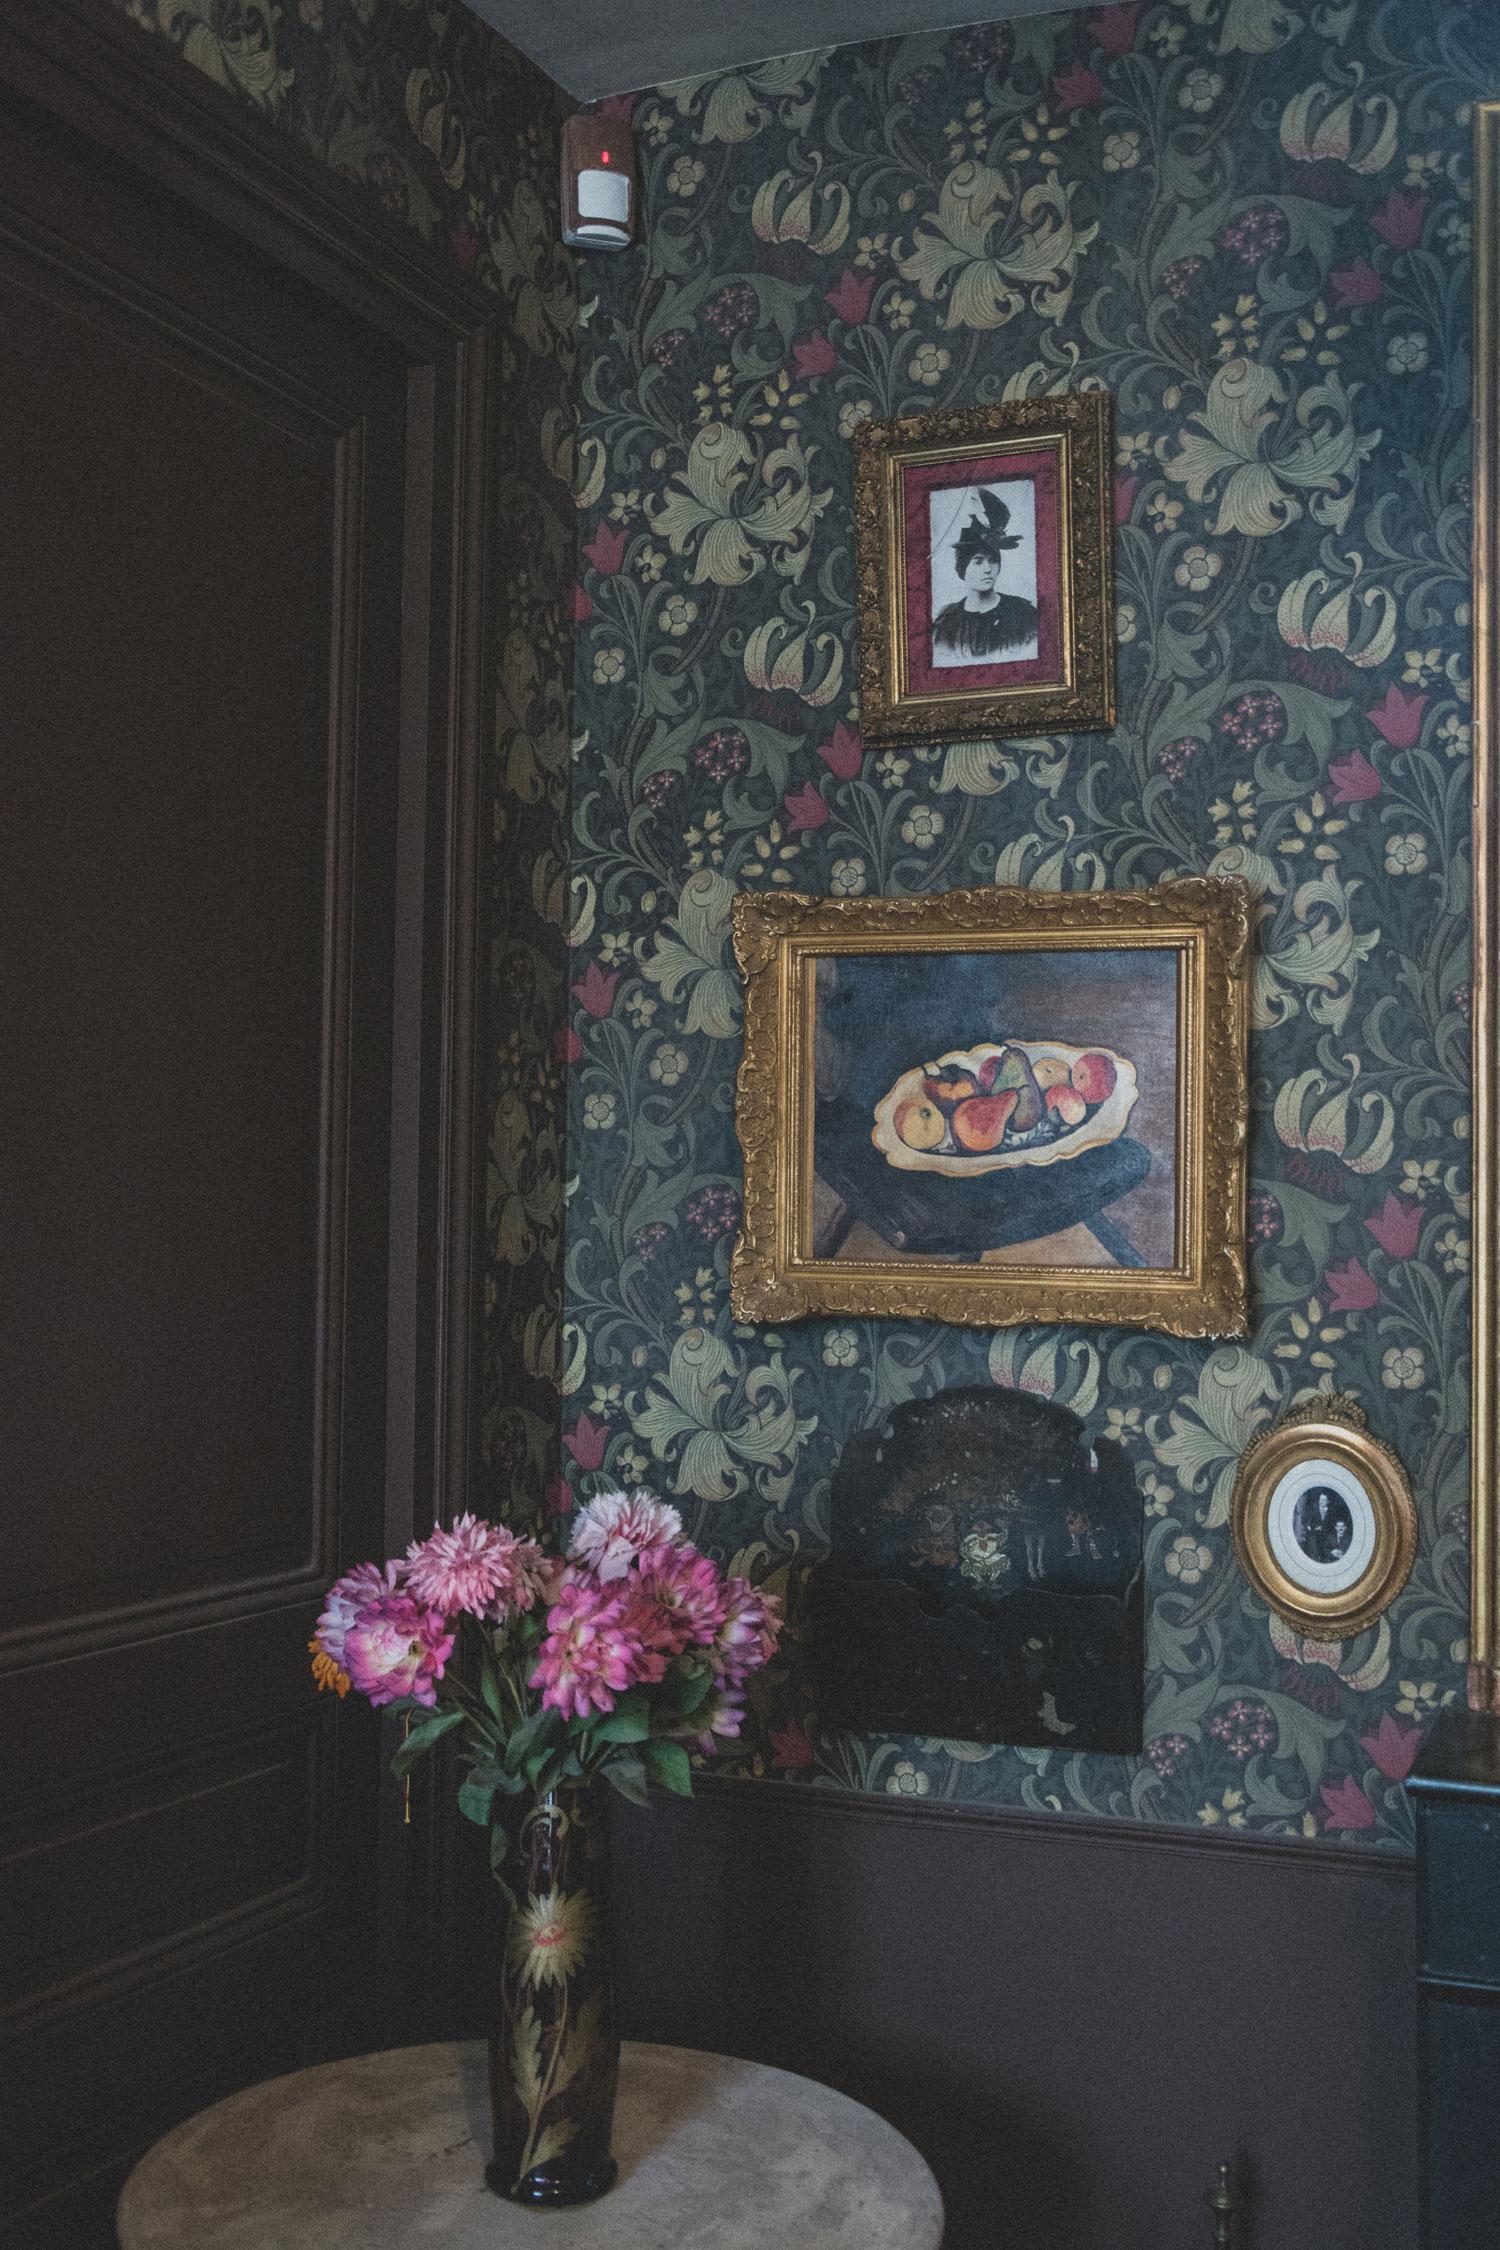 Musee-de-Montmartre-Paris (11)